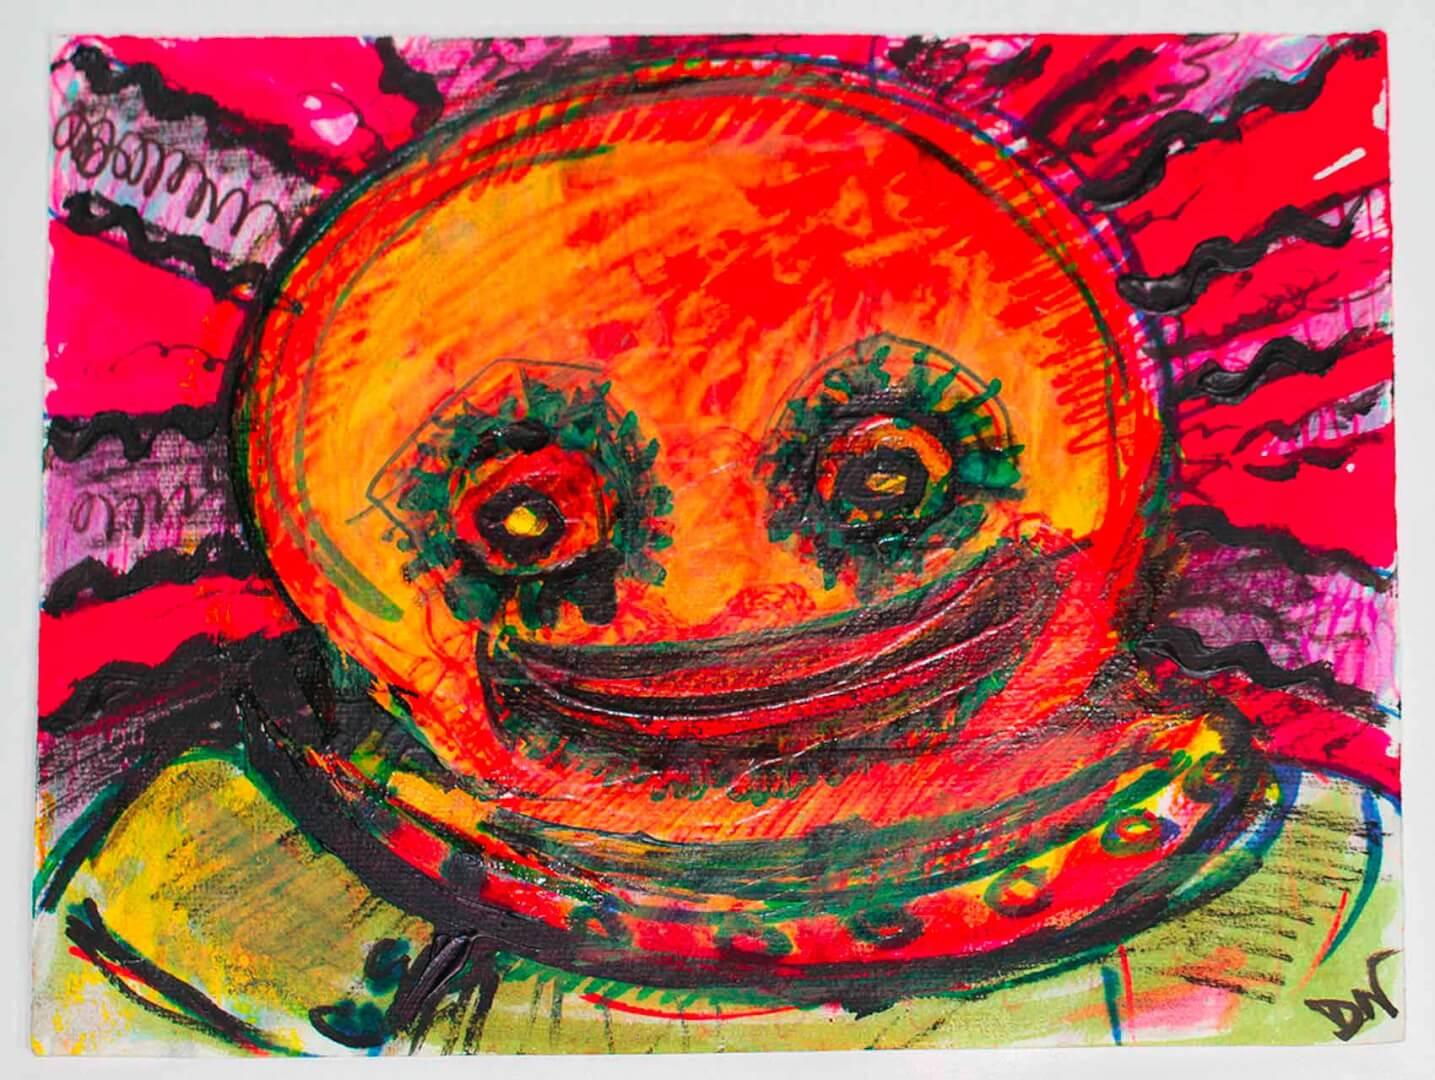 Scaphandrier joyeux © David Noir | Dessins, peintures, collages